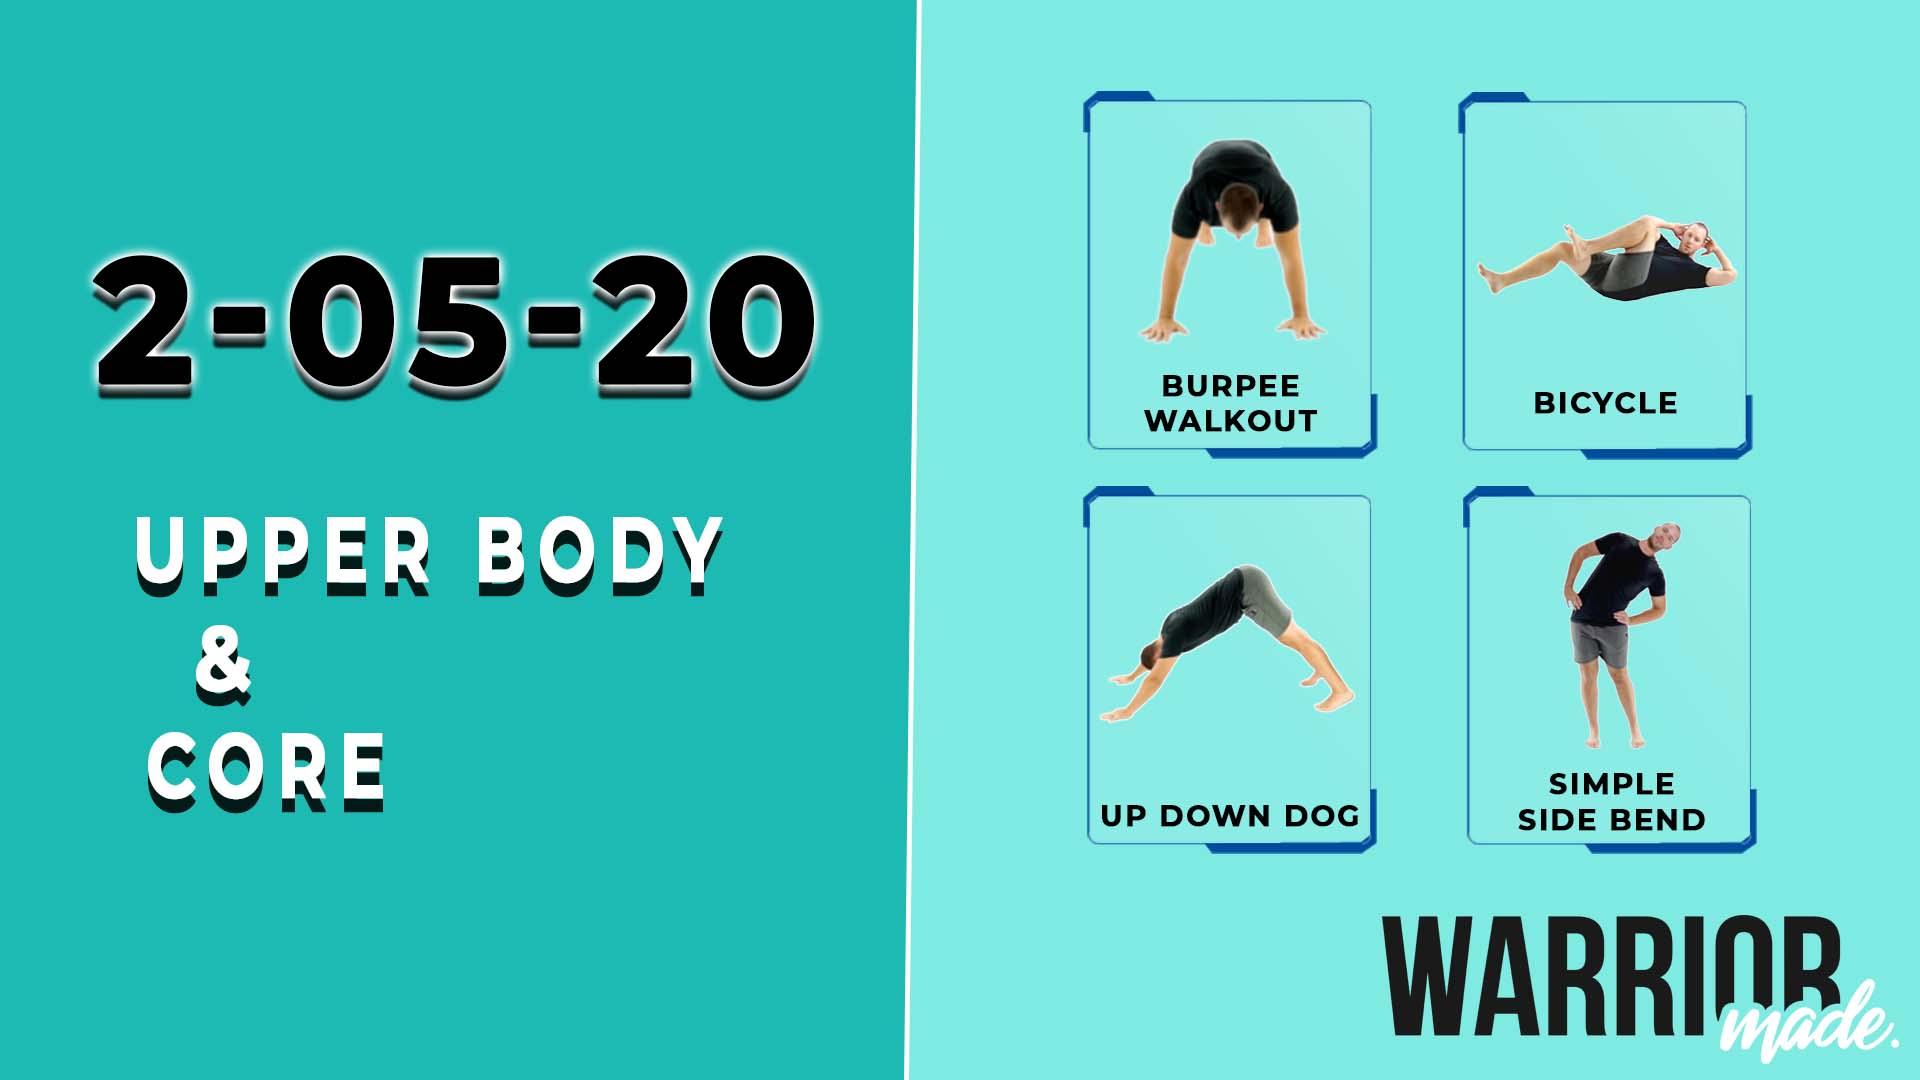 workouts-02-05-20